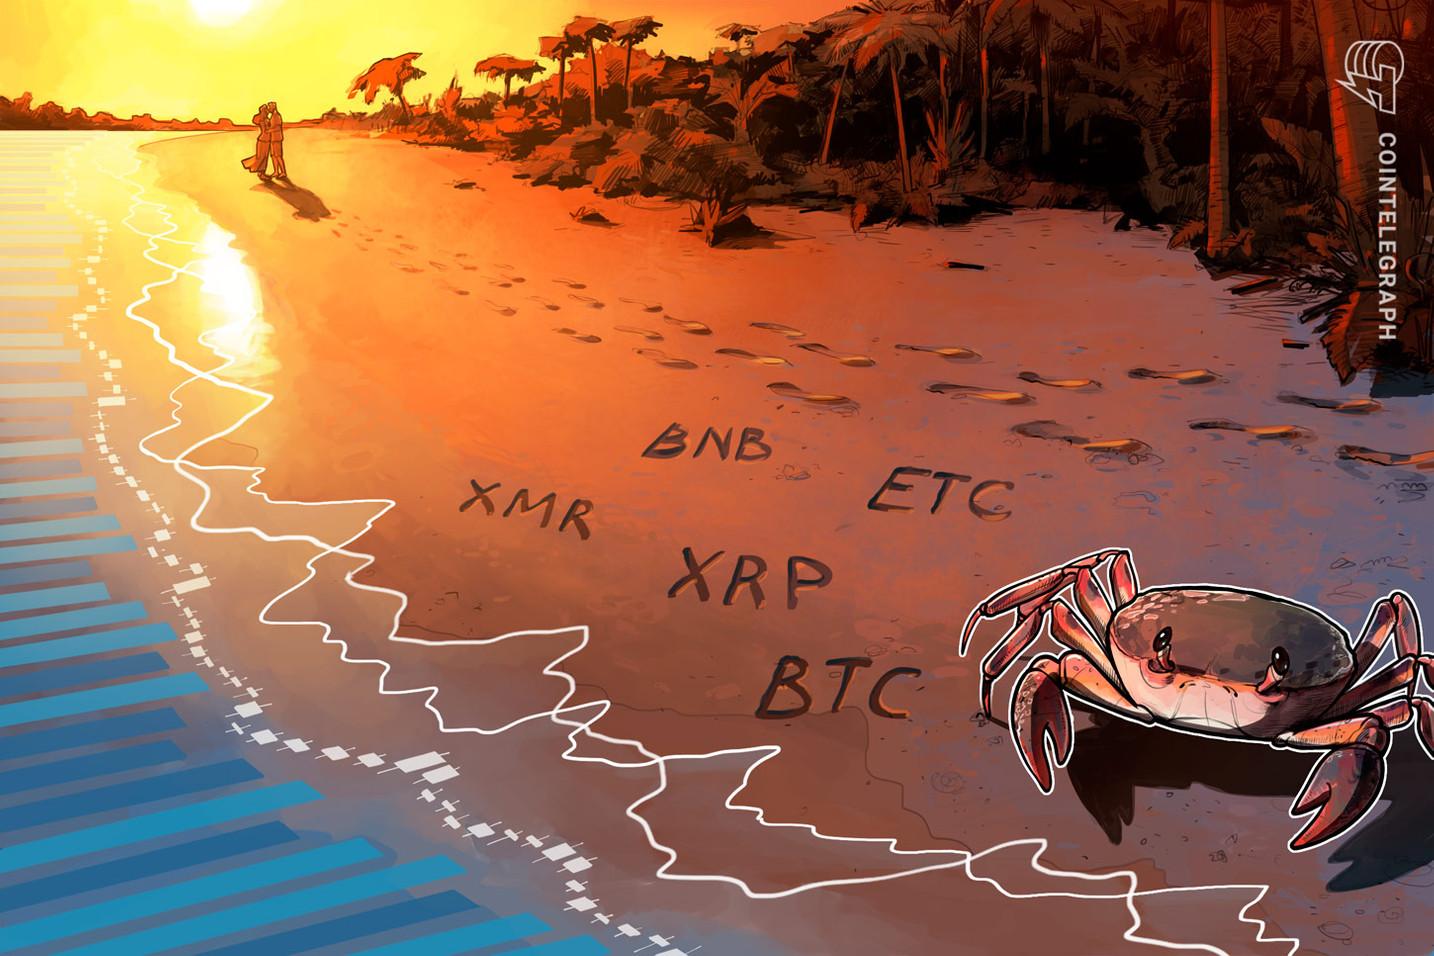 Top 5 das criptomoedas: XMR, BTC, BNB, ETC e XRP